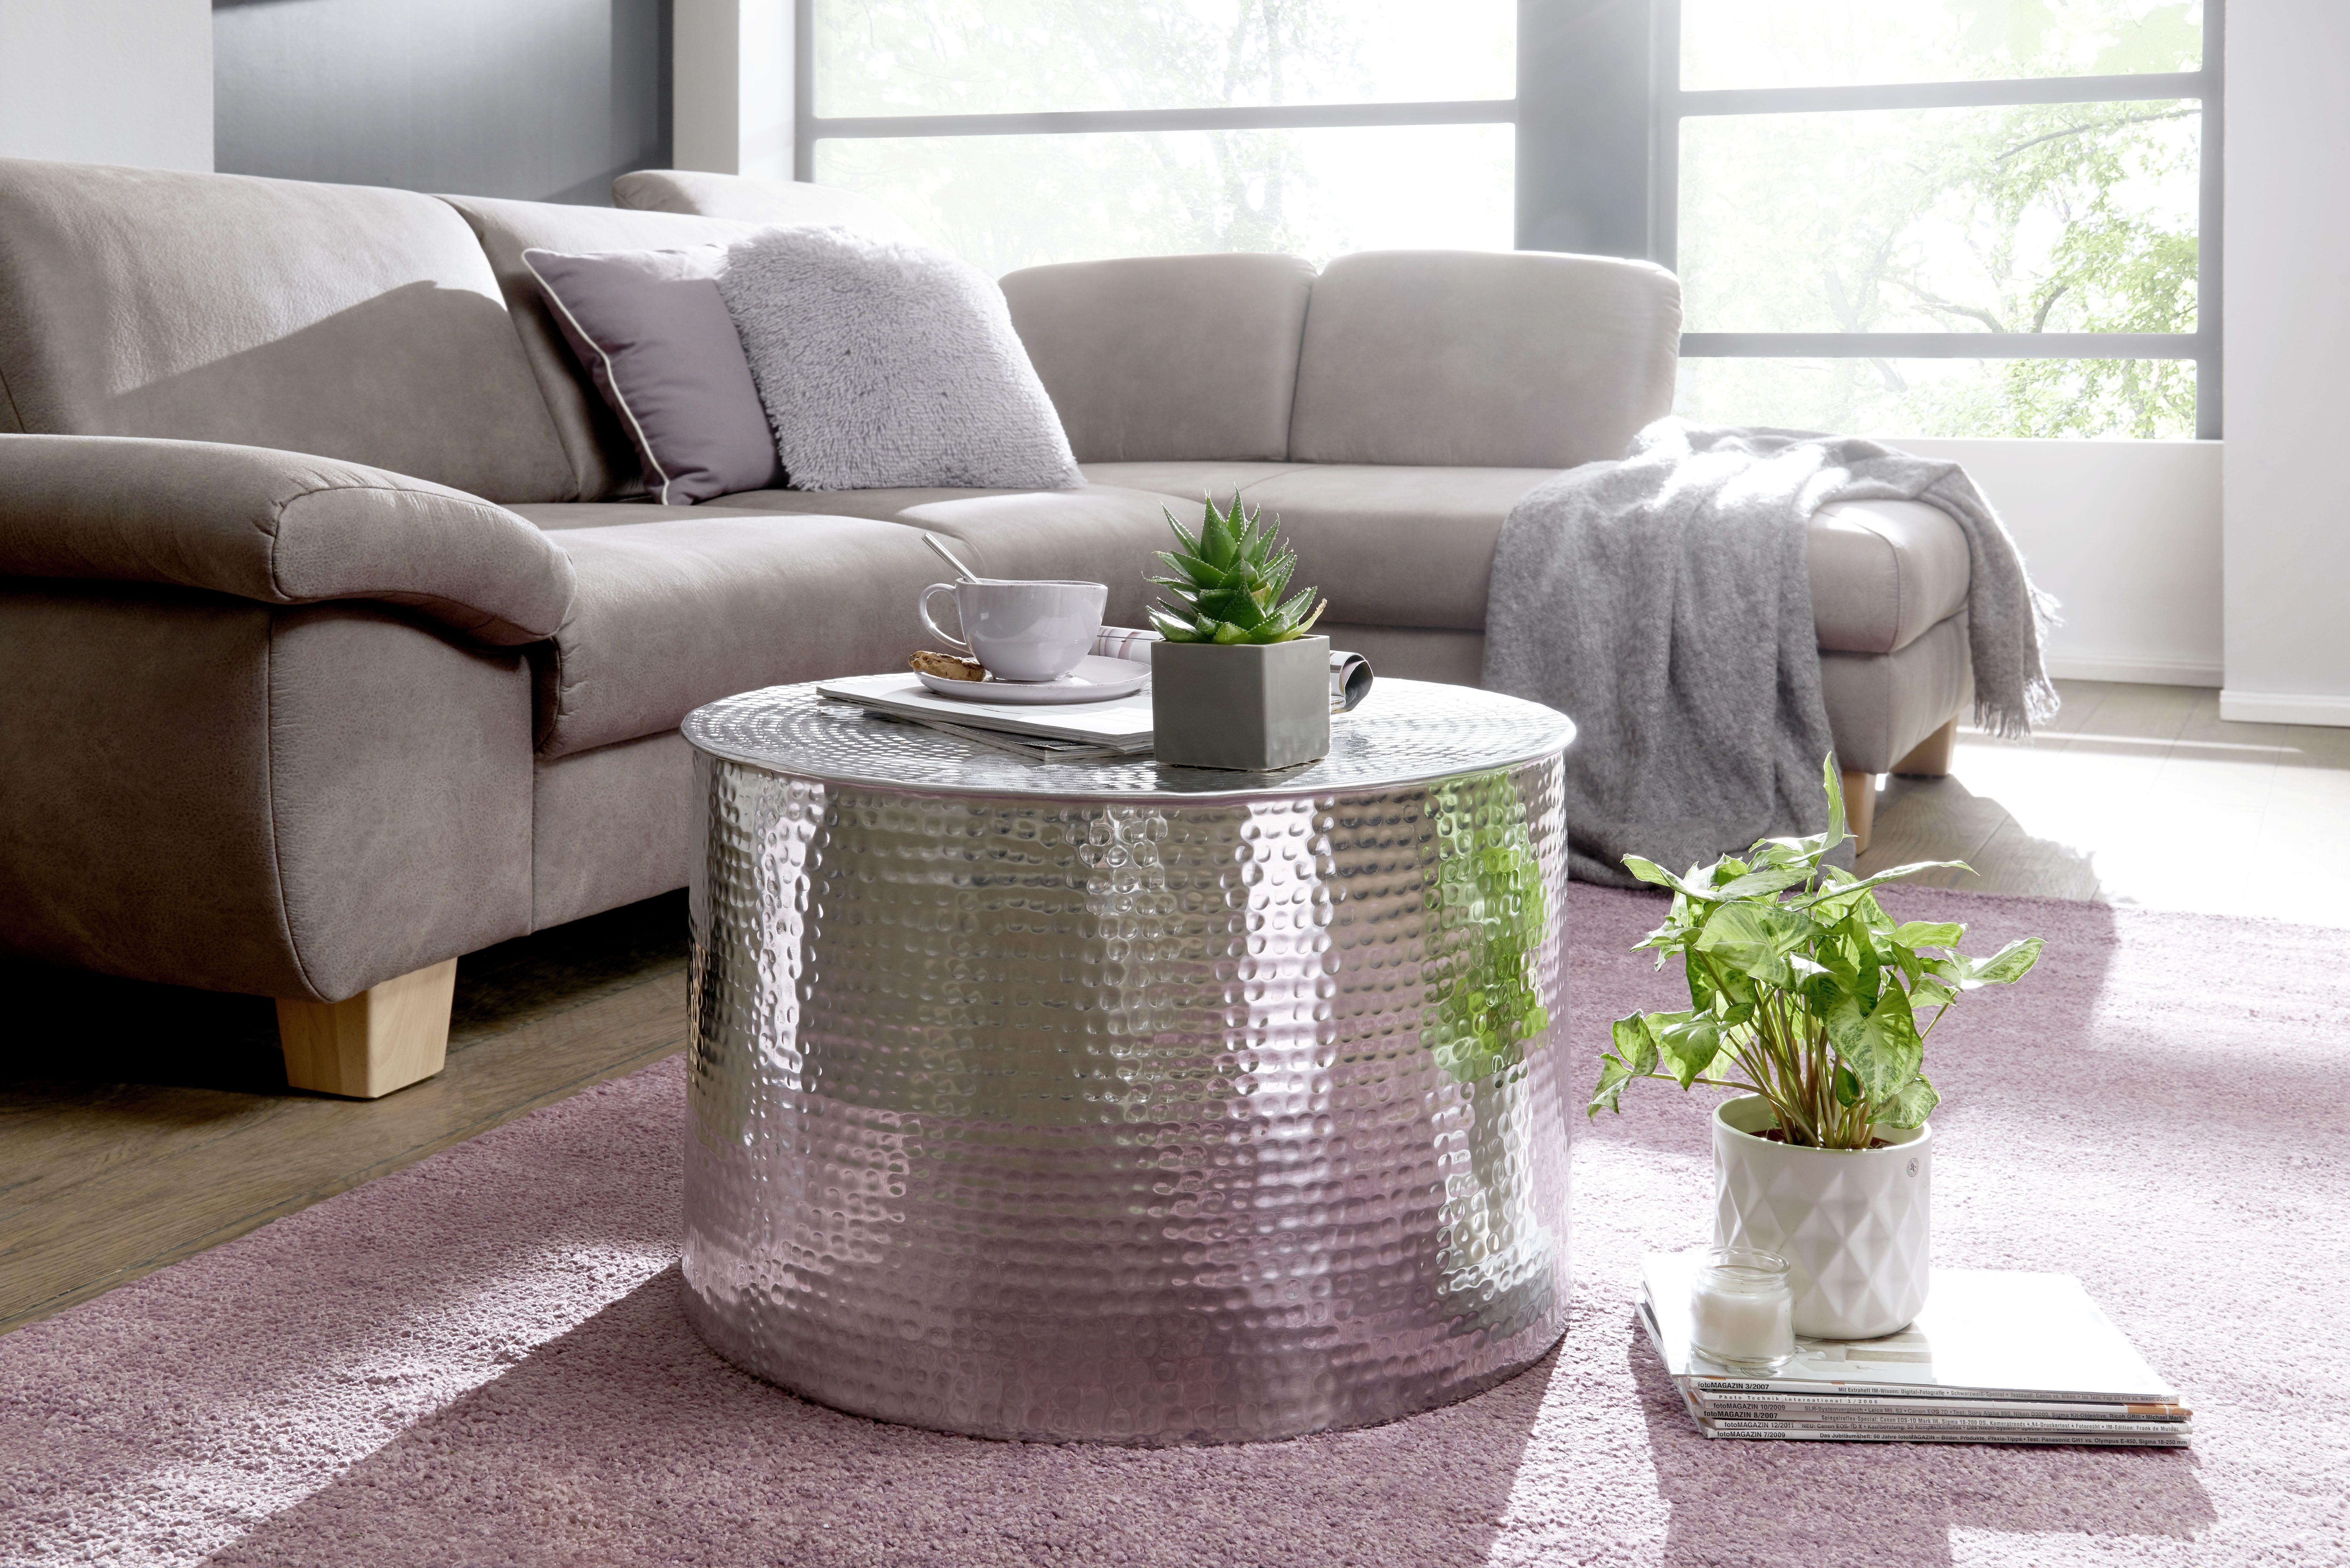 Wohnling Couchtisch Silber Wl5 481 Aus Aluminium Silber Metall Wohnidee Dekoration Ablage Wohnen Zylinder Couchtisch Silber Couchtisch Metall Couchtisch